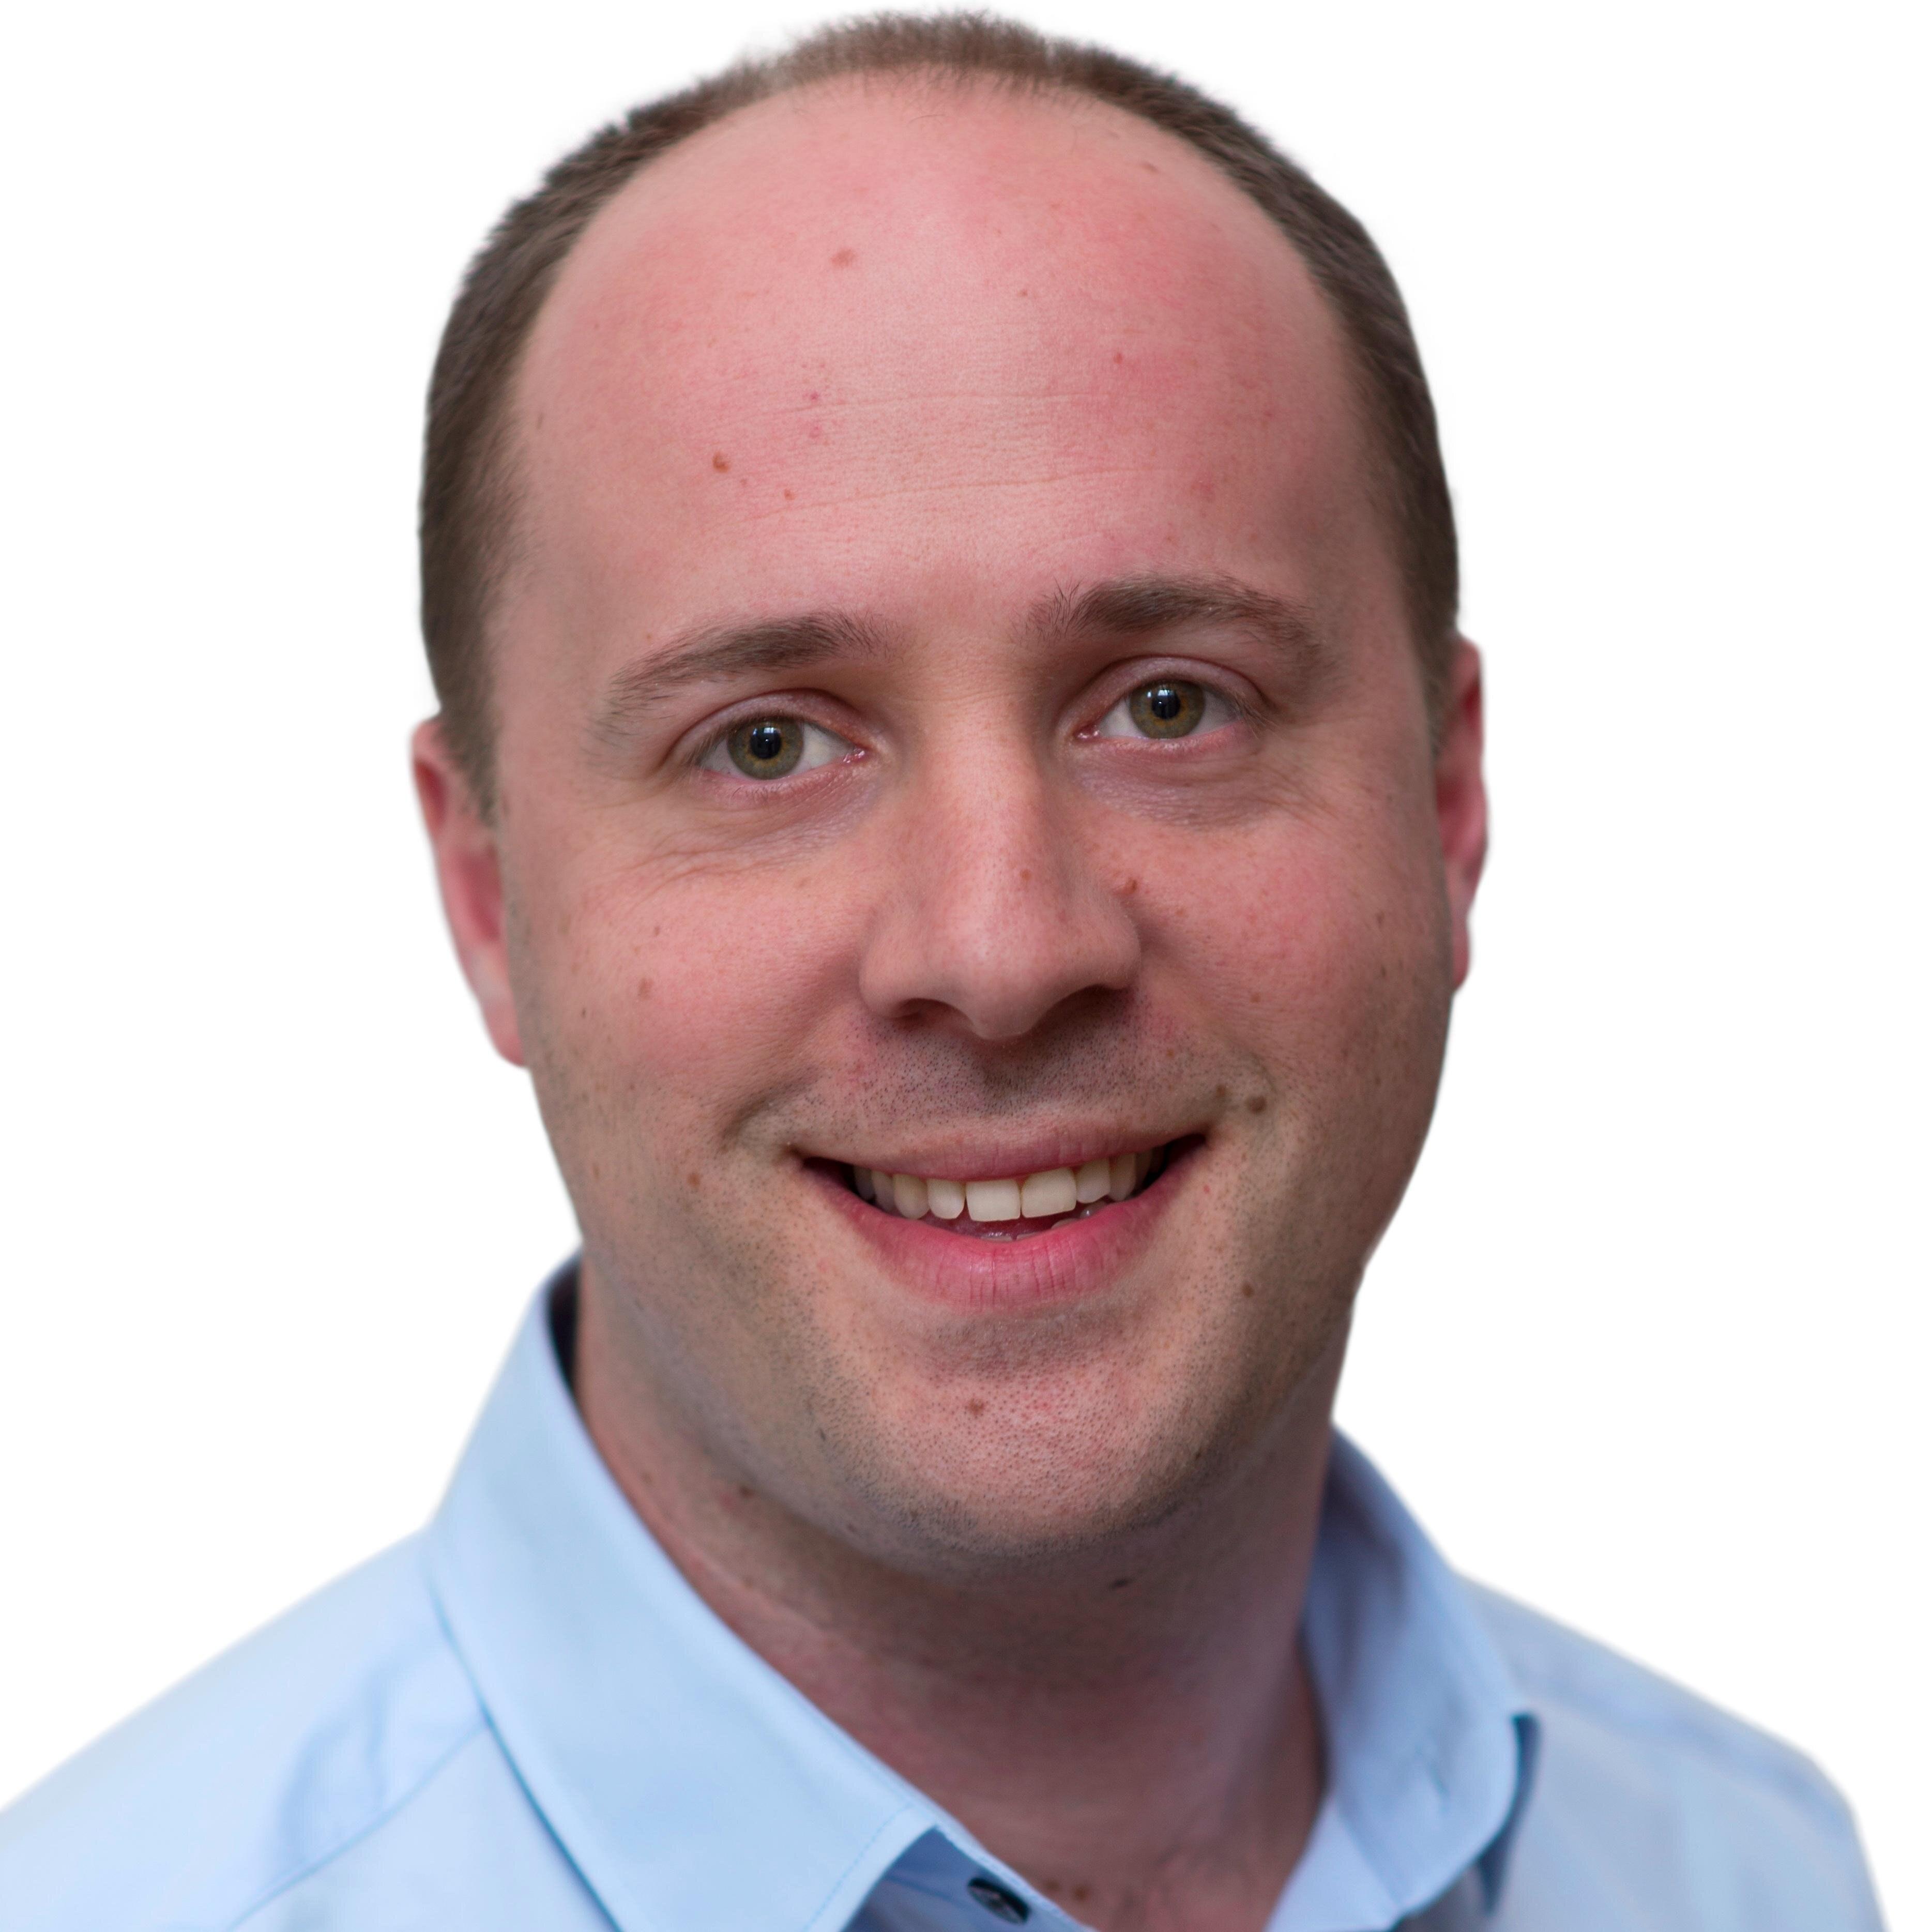 Gavin Appel